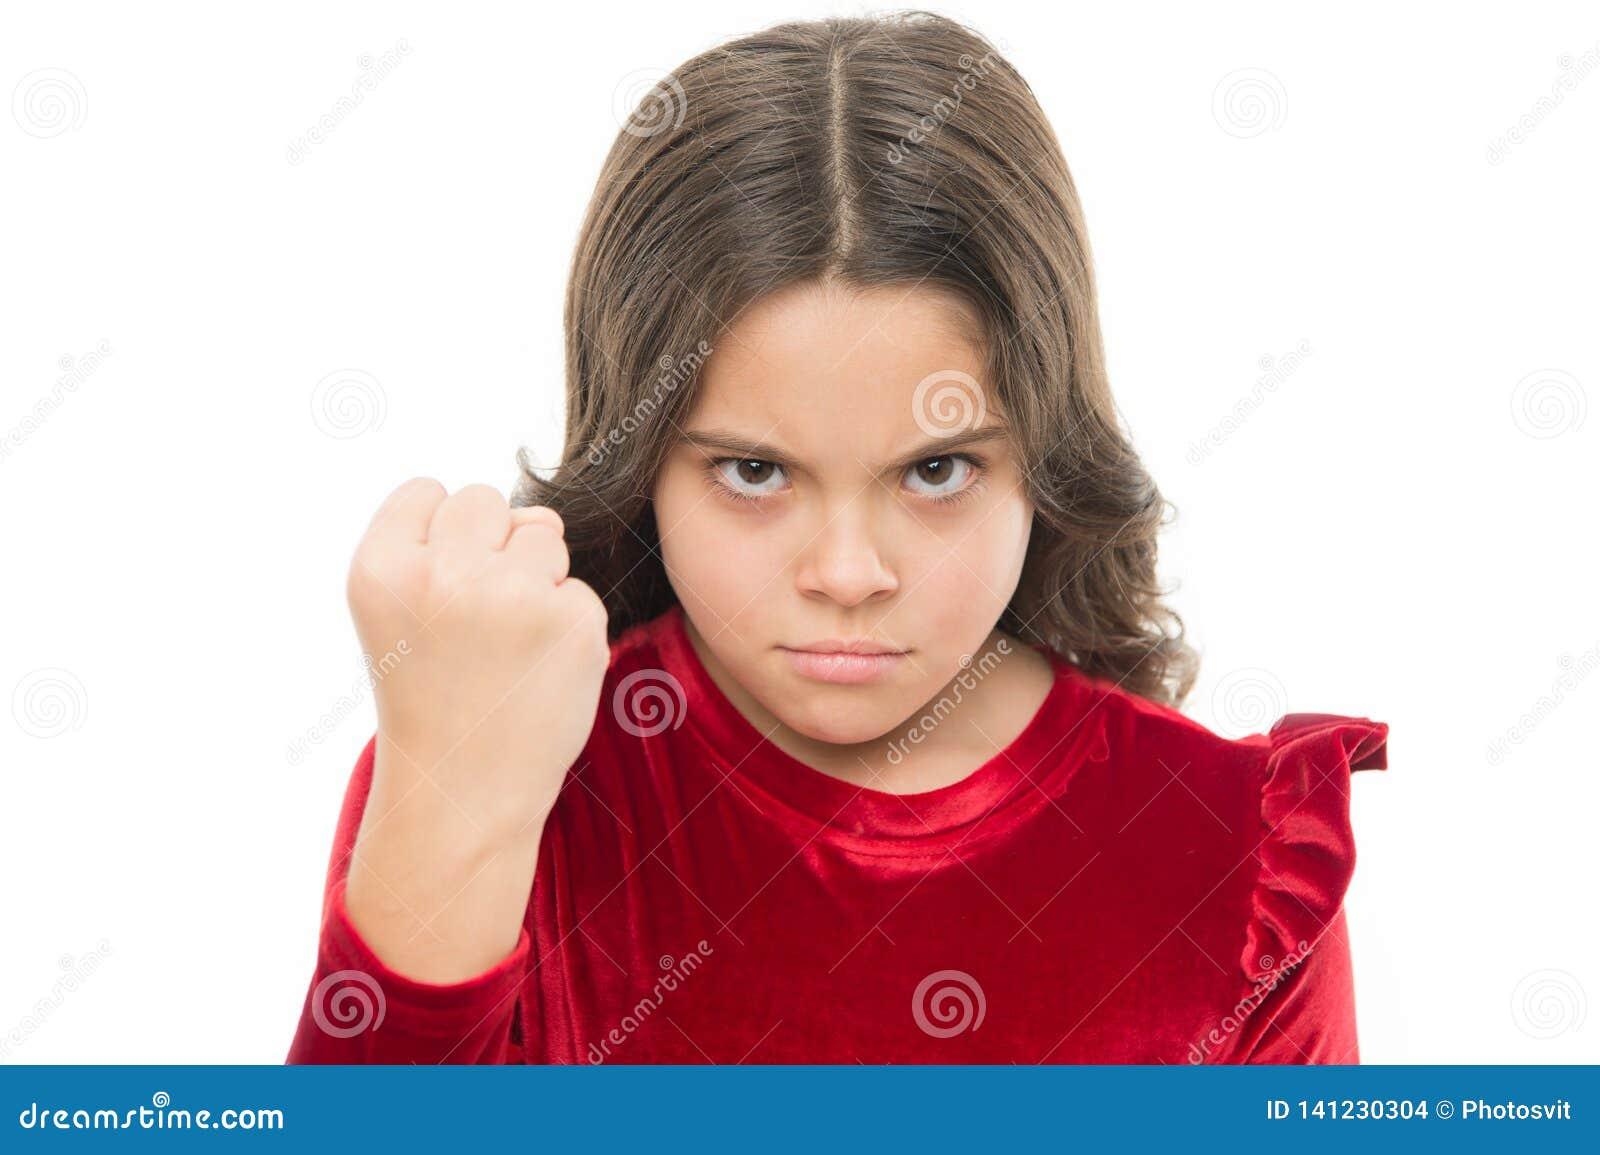 威胁与物理攻击 哄骗侵略概念 威胁积极的女孩打您 危险女孩 您